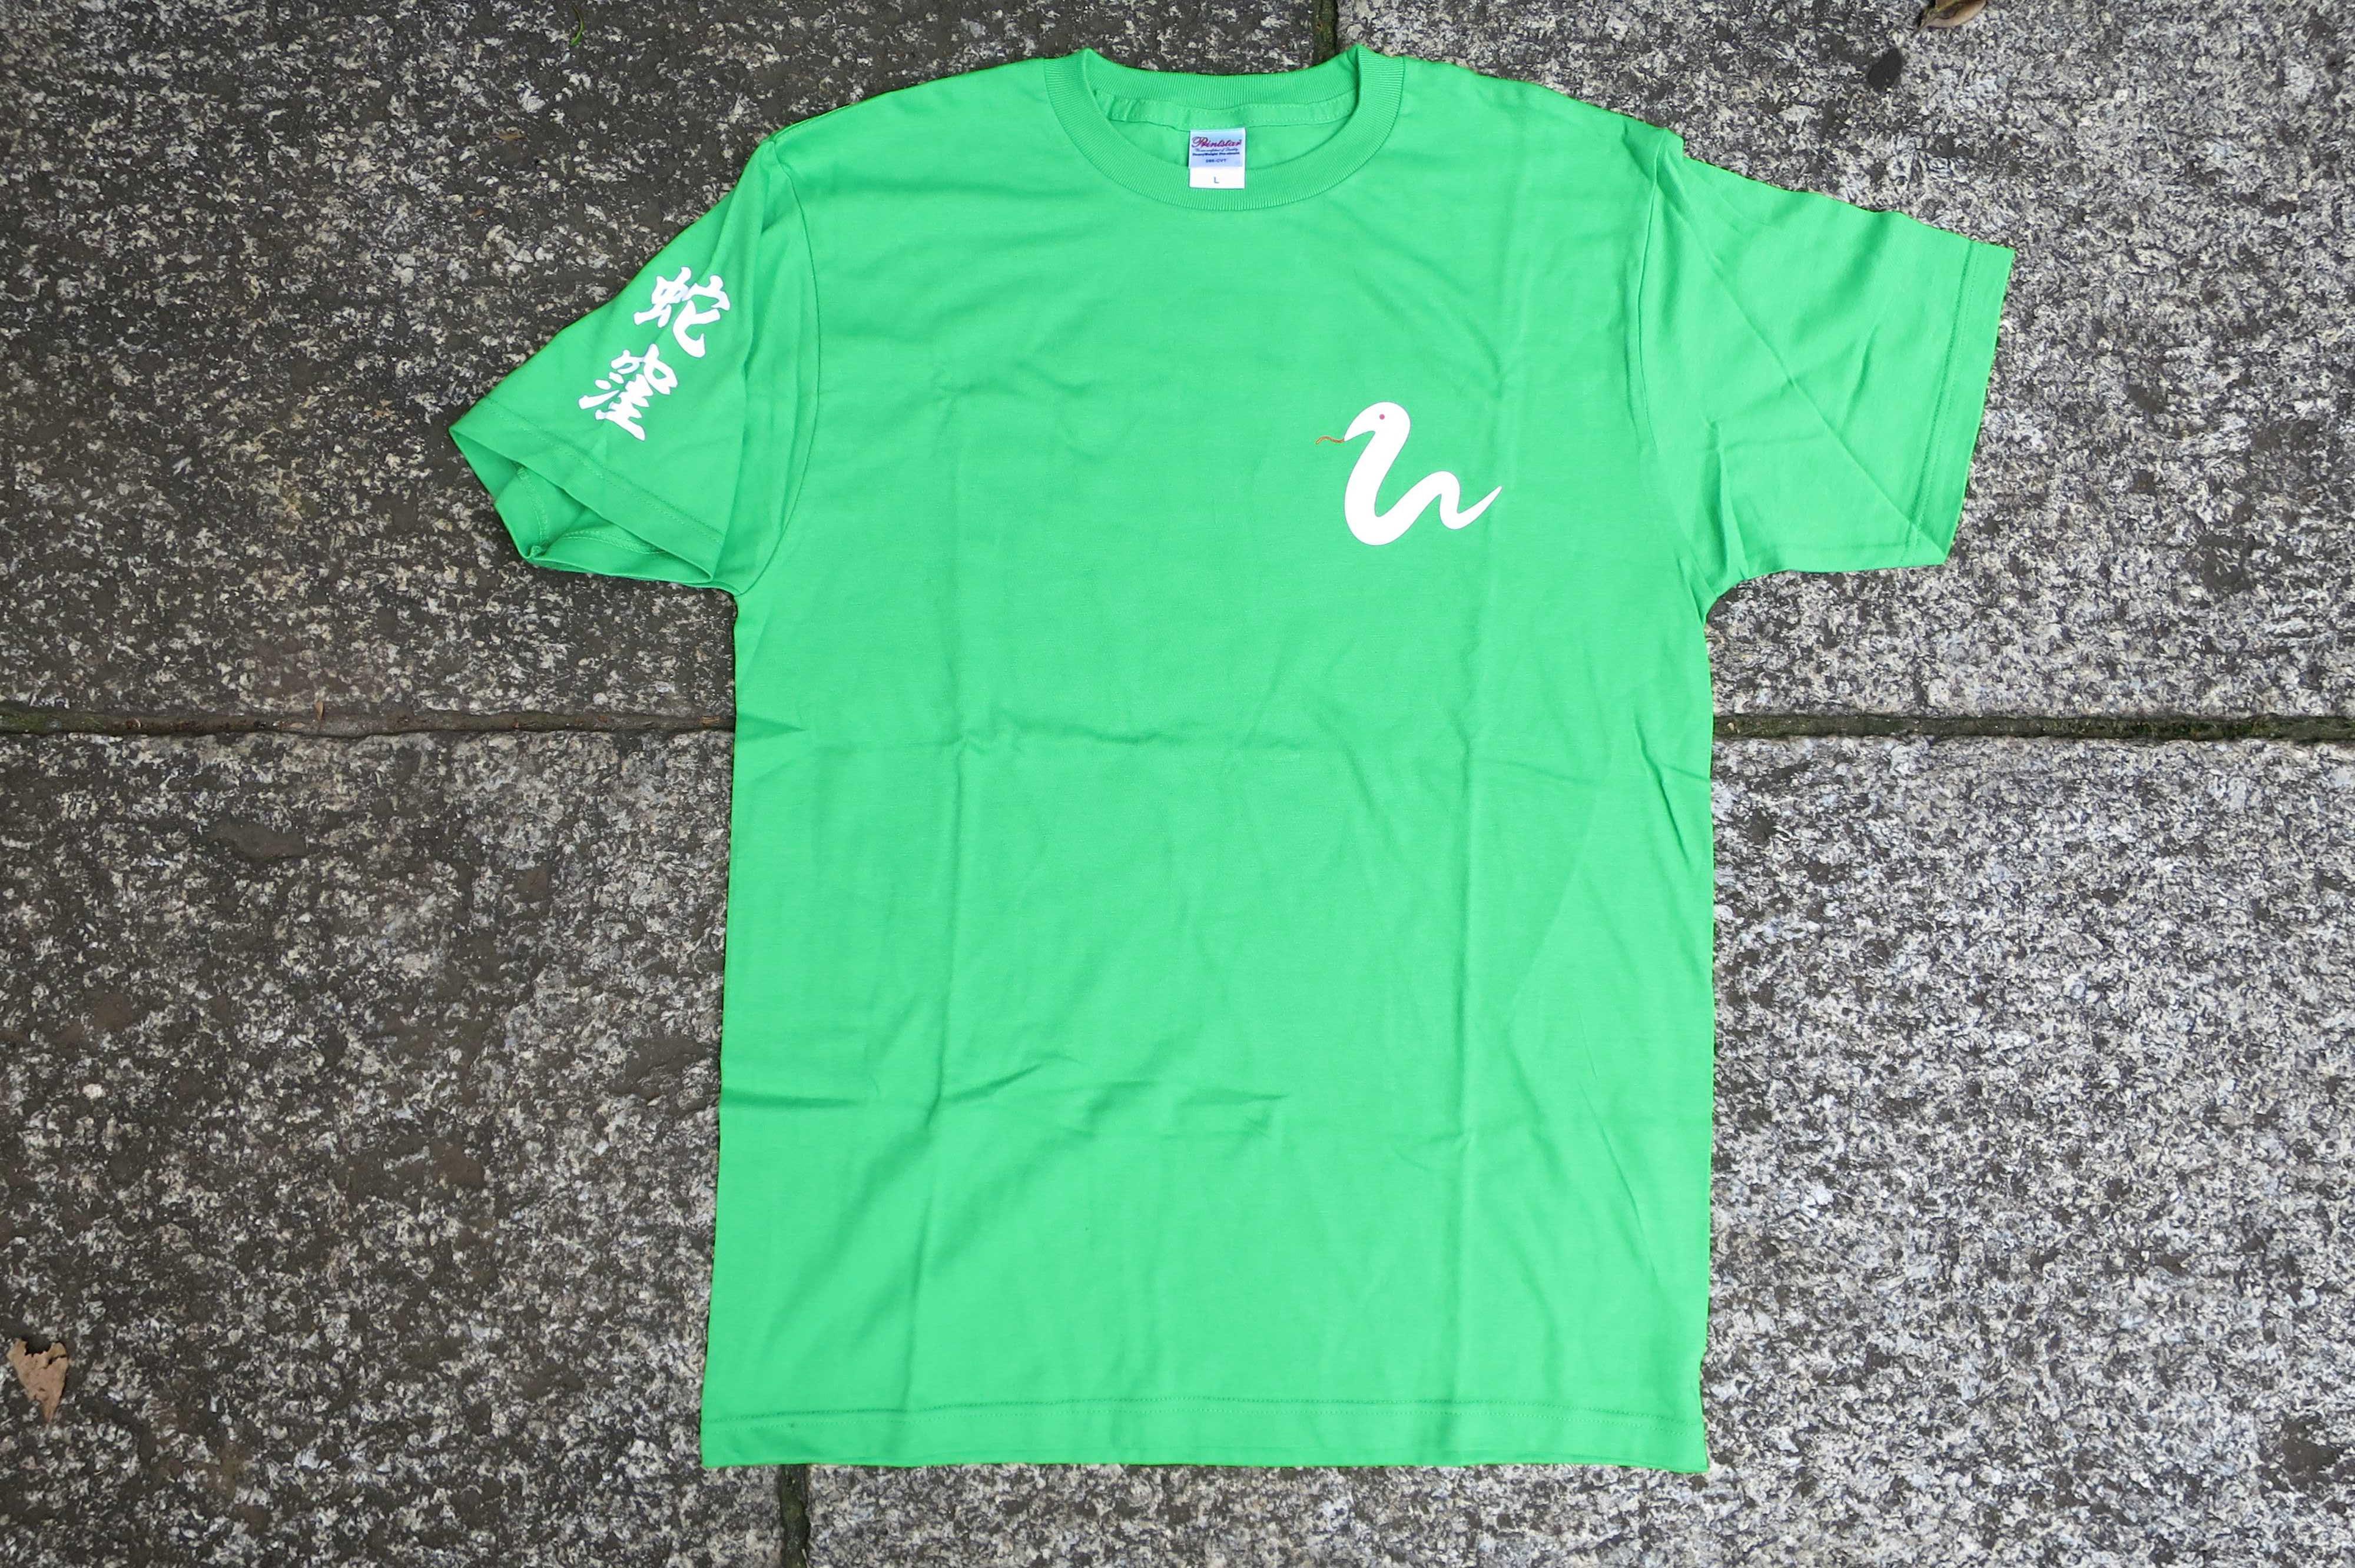 「蛇窪」の白い文字がかっこいい蛇窪Tシャツ